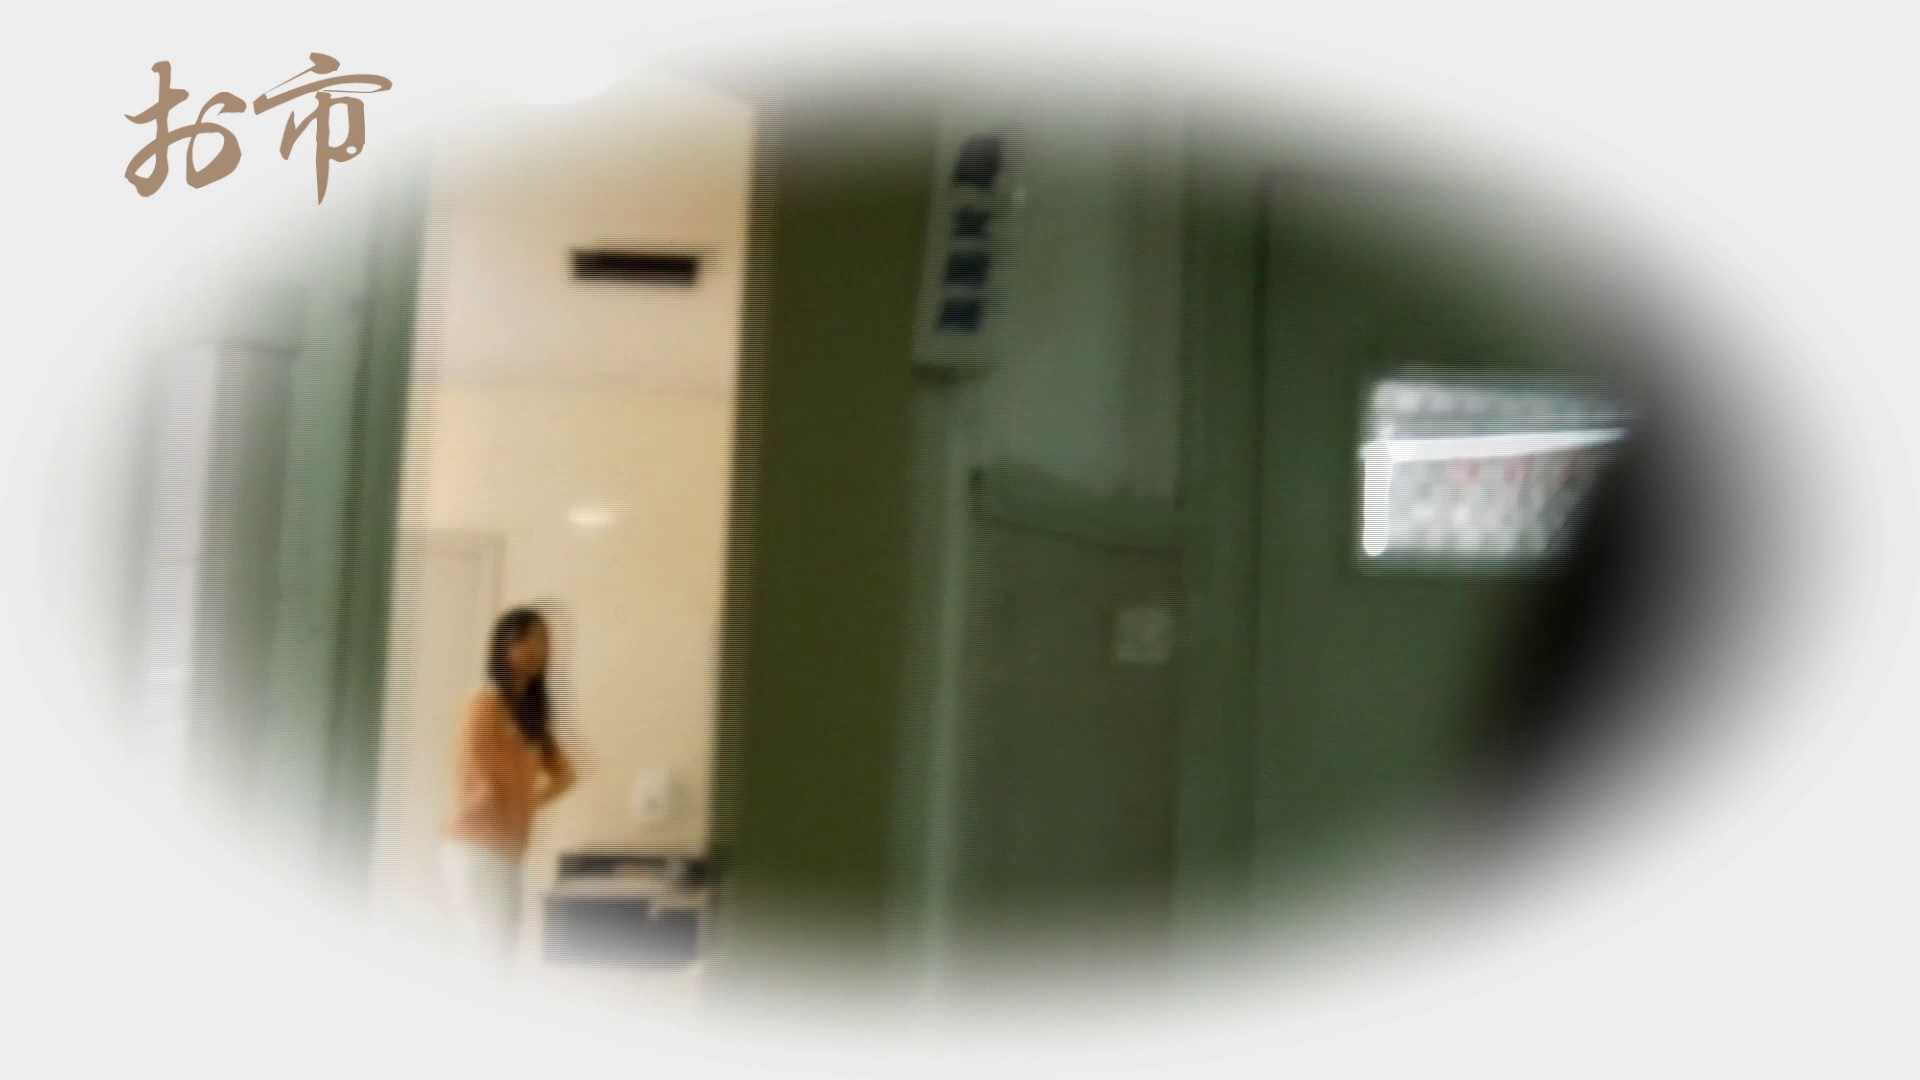 潜入!!台湾名門女学院 Vol.12 長身モデル驚き見たことないシチュエーション 美女 | モデルエロ映像  101pic 1